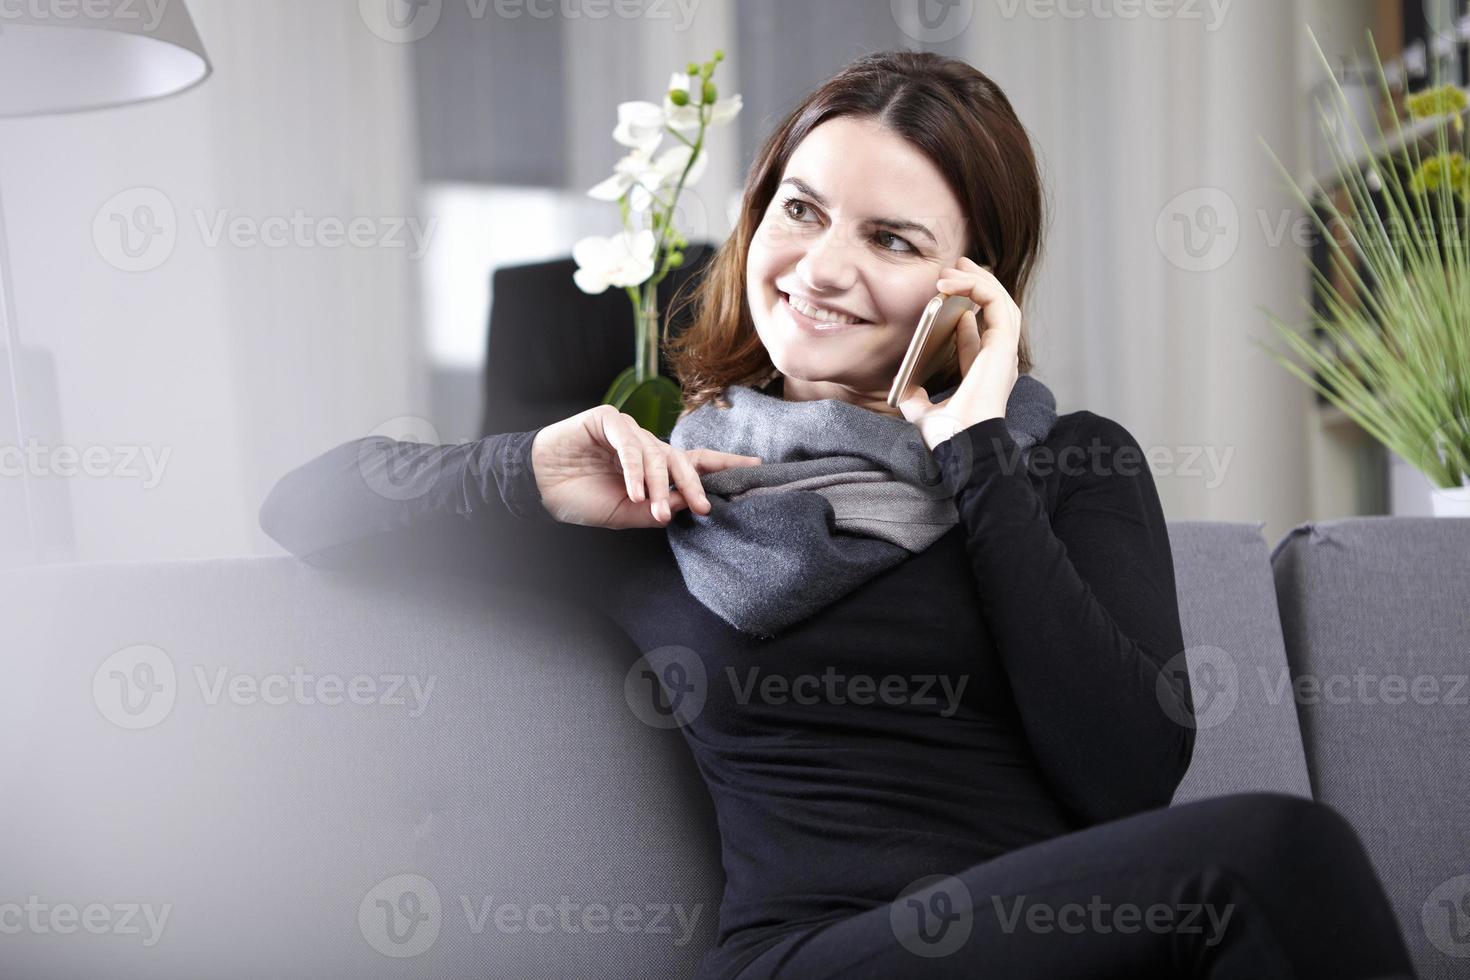 morena mulher sentada no sofá falando no telefone foto